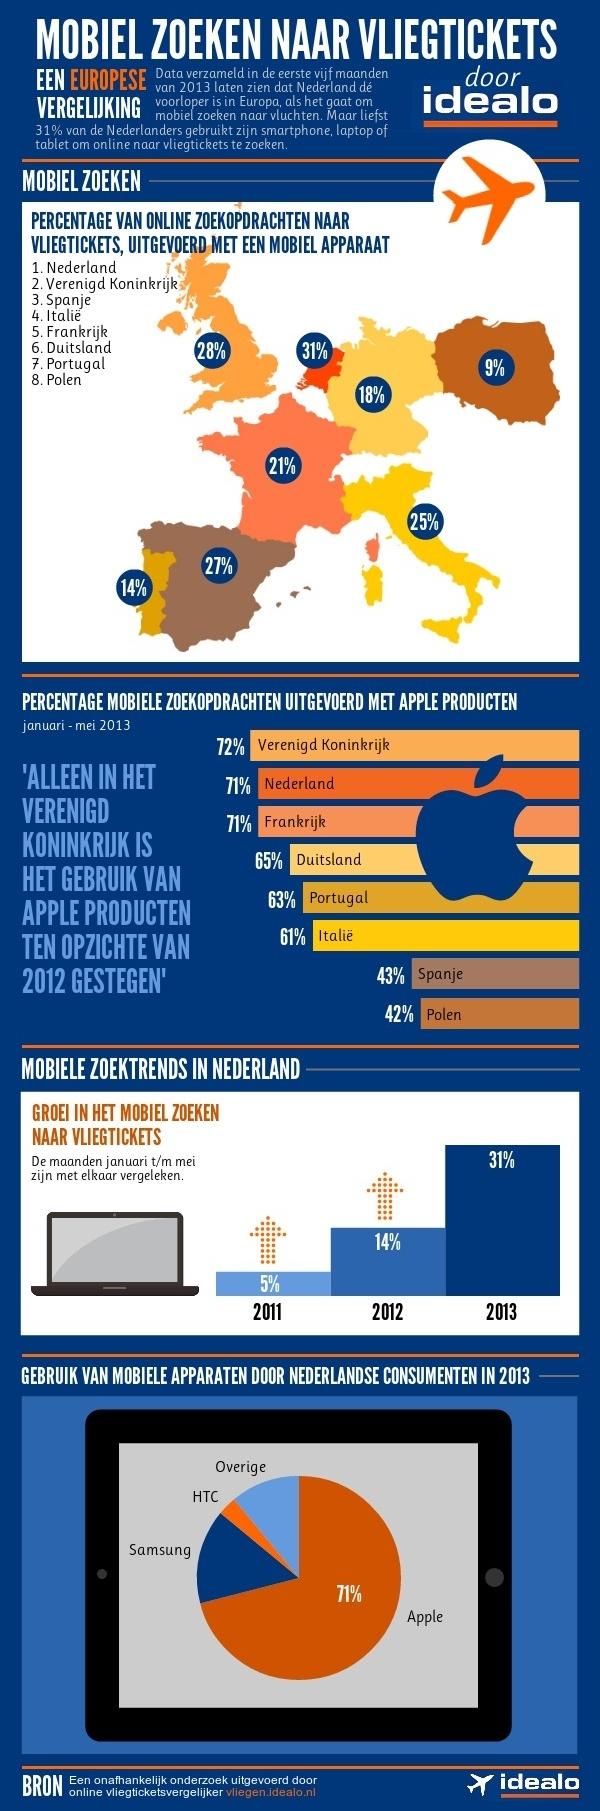 infographic door idealo. mobiel zoeken naar vliegtickets: een europese trend…